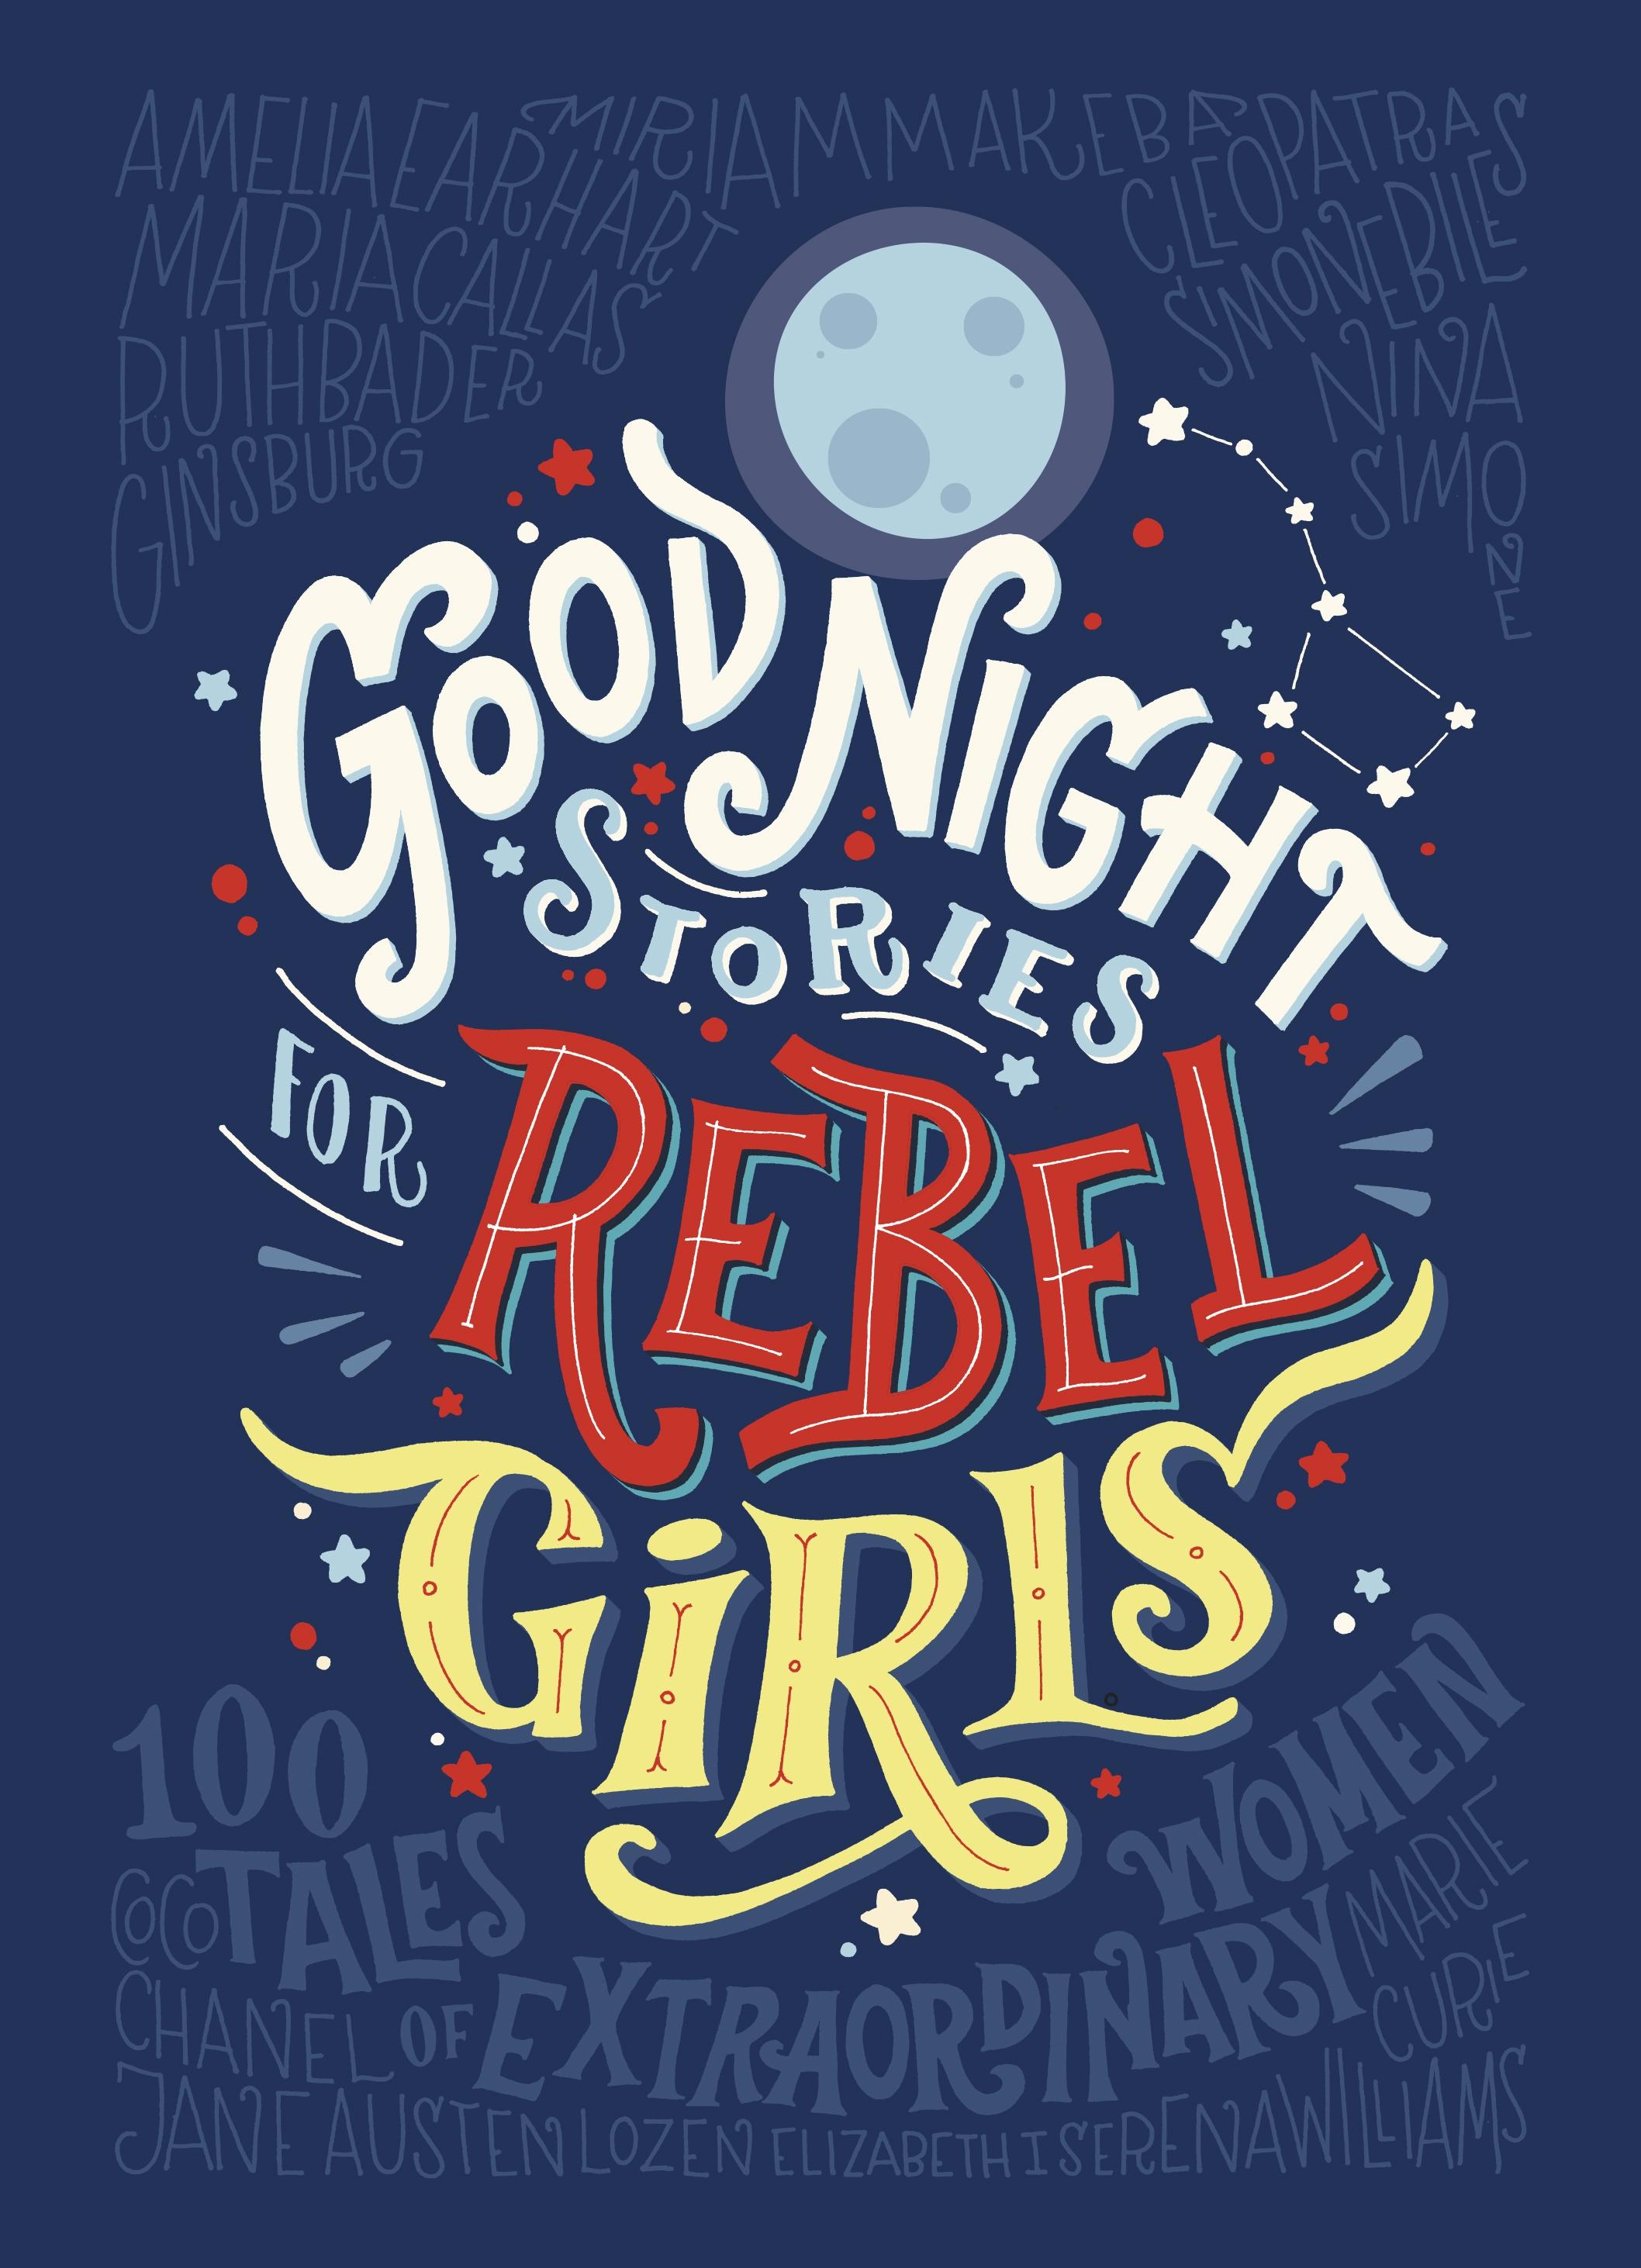 Good Night Stories for Rebel Girls Cover.jpg